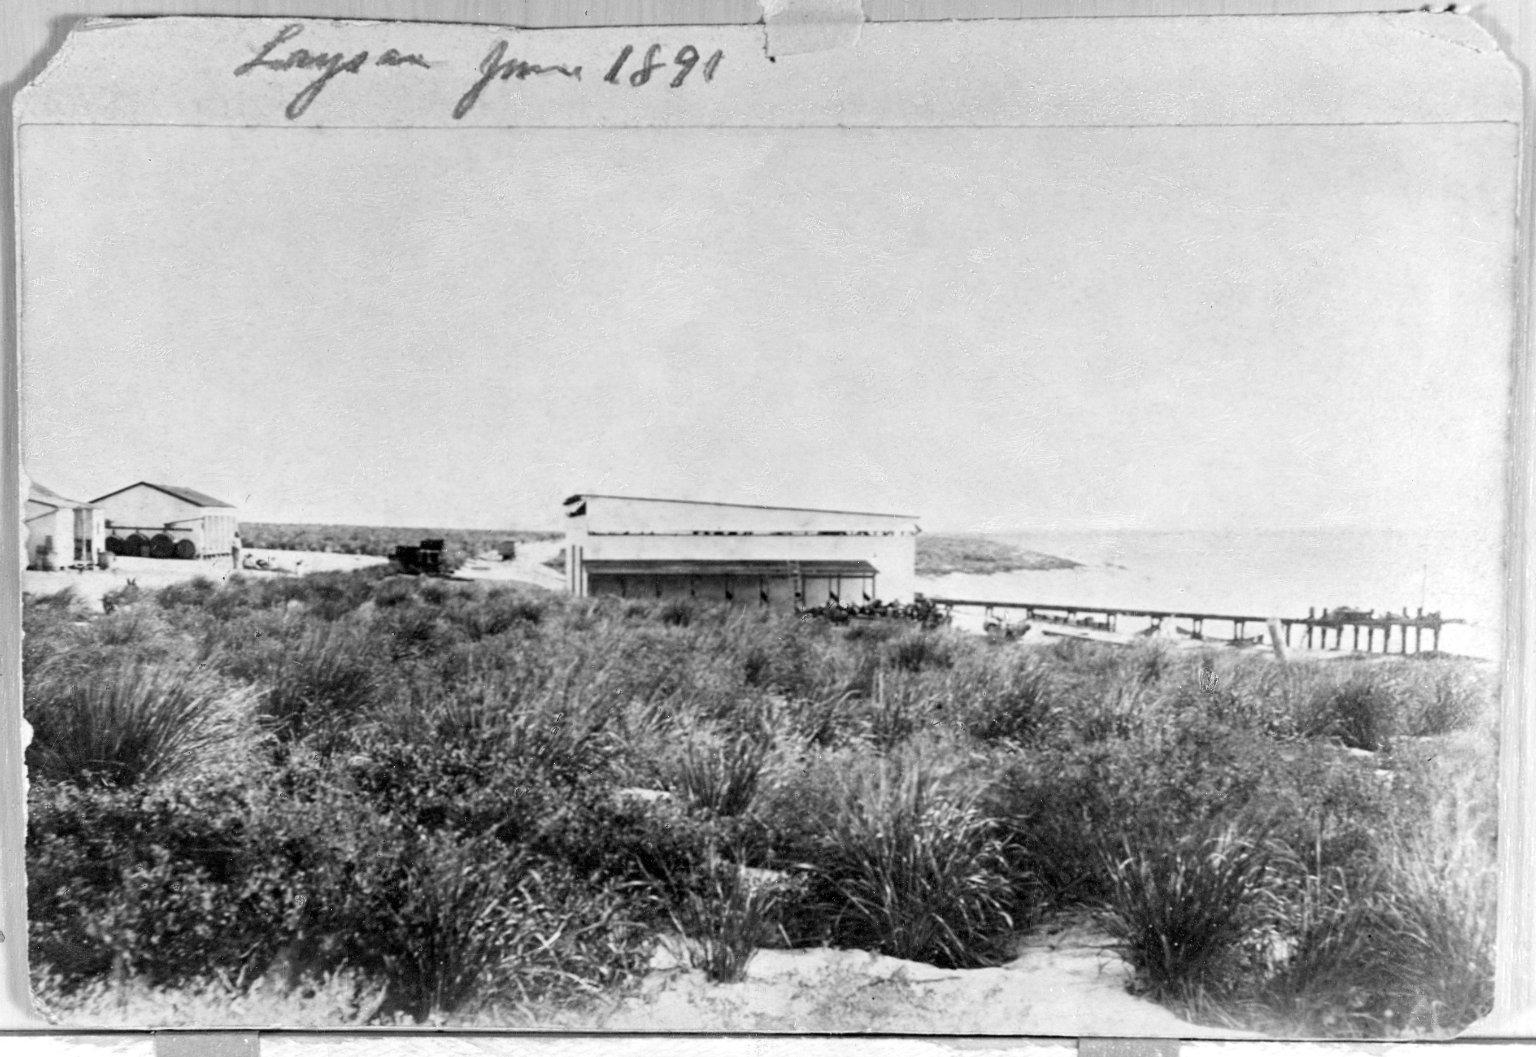 Laysan Island 1891